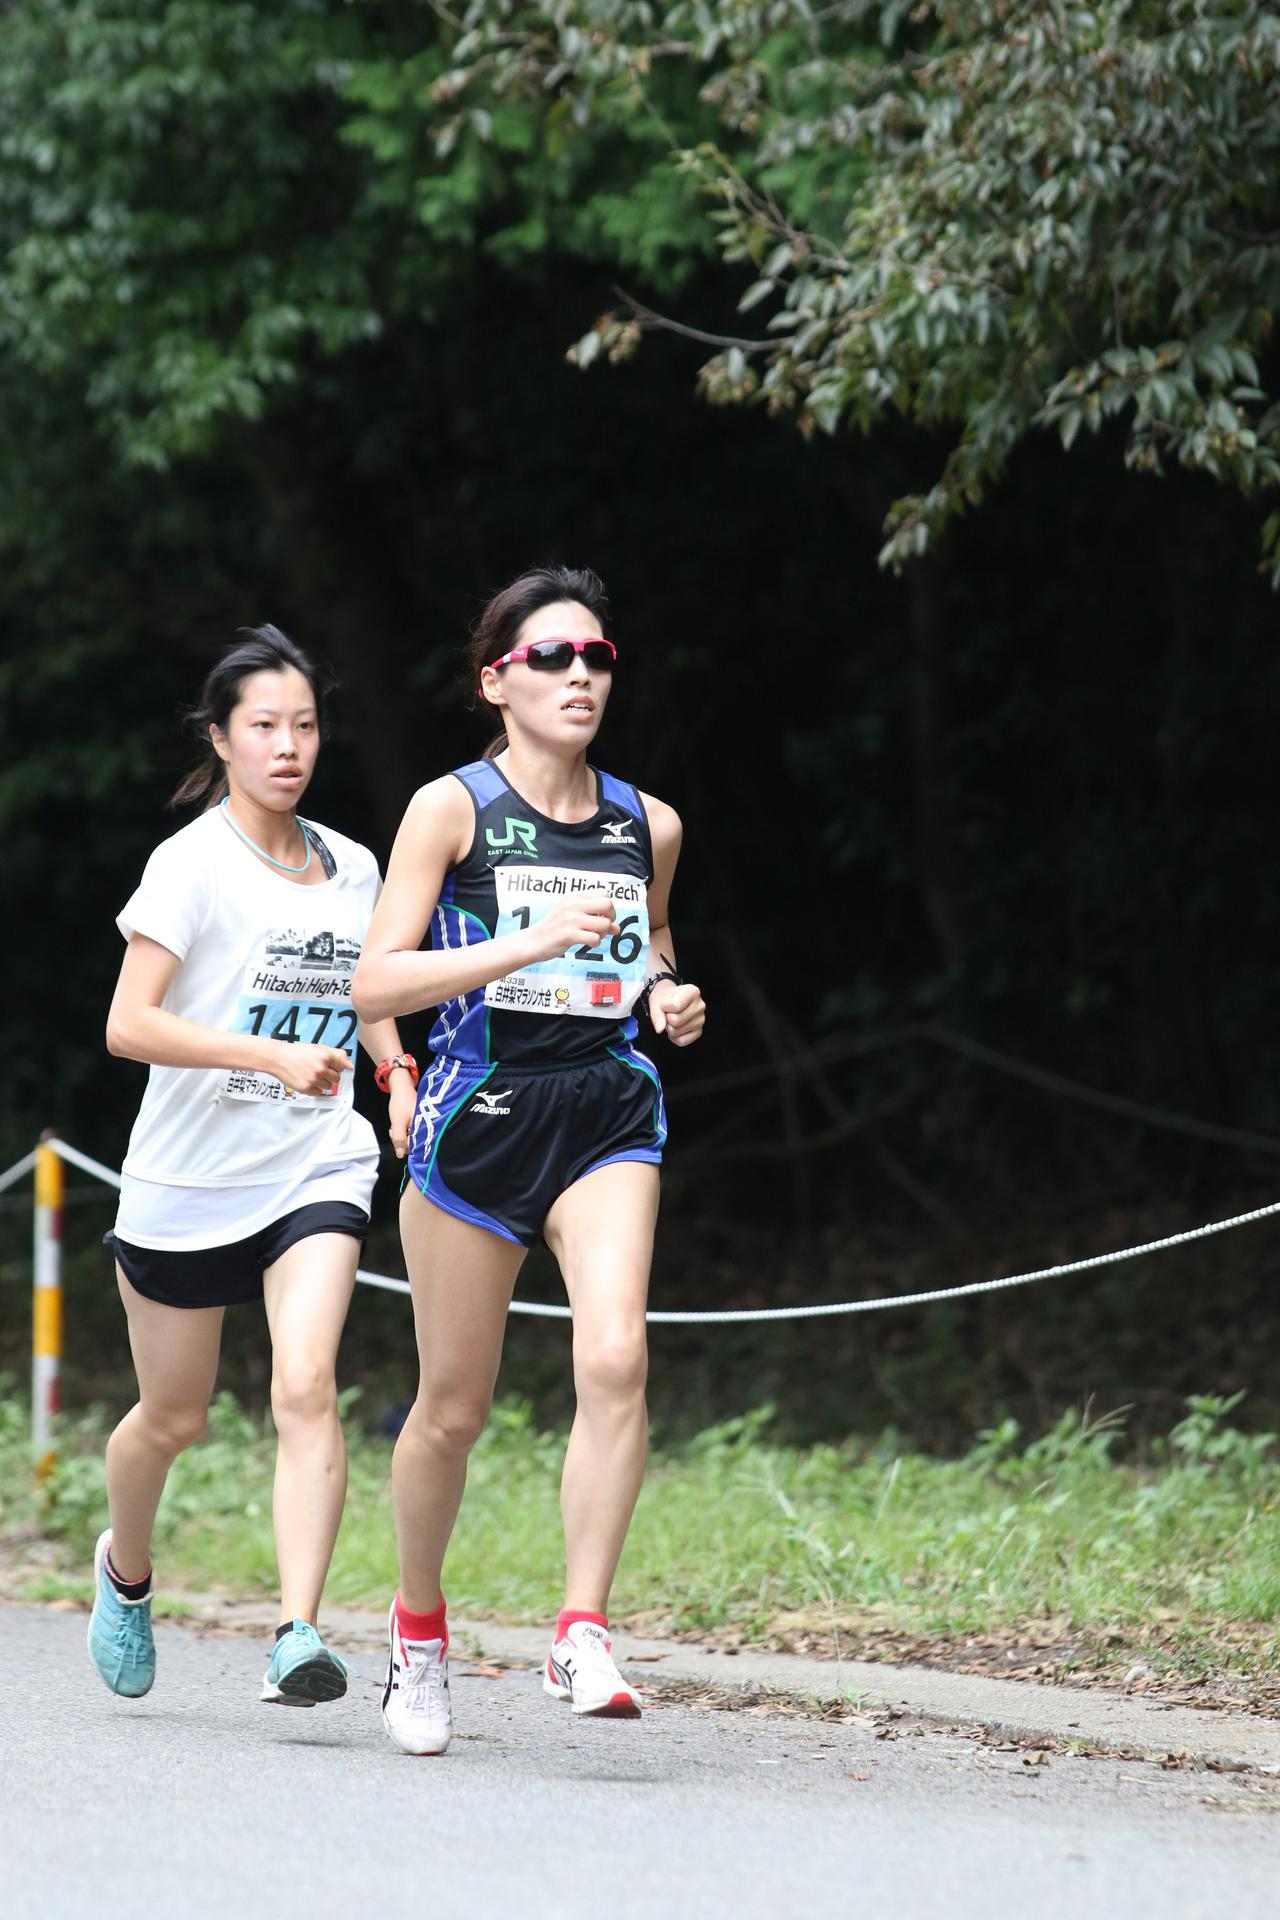 群馬県 マラソン大会